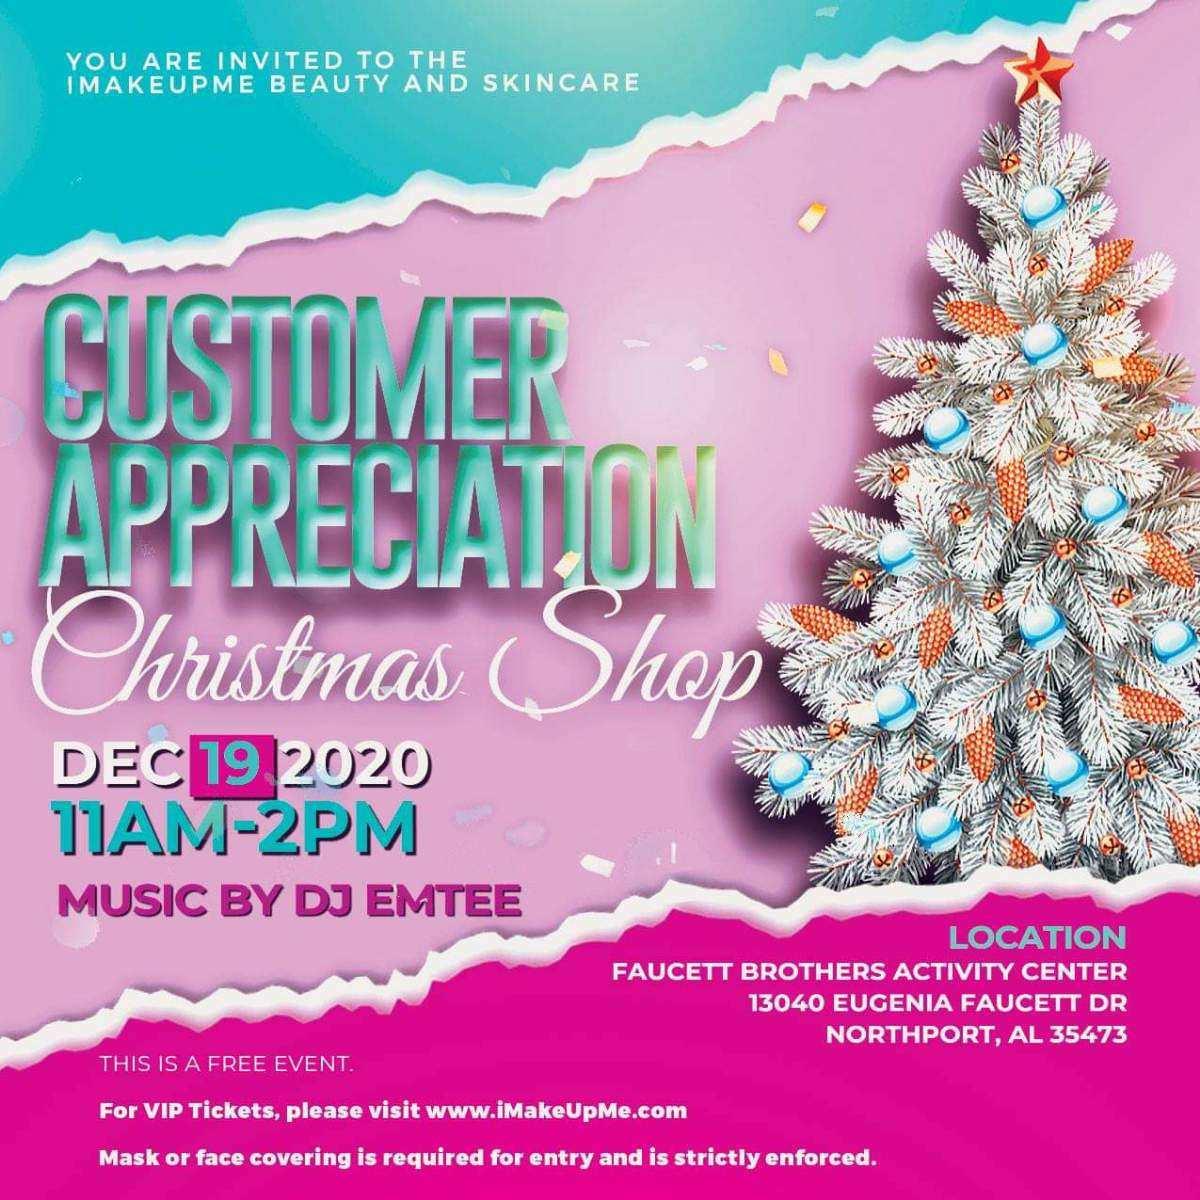 Customer Appreciation Christmas Shop Event